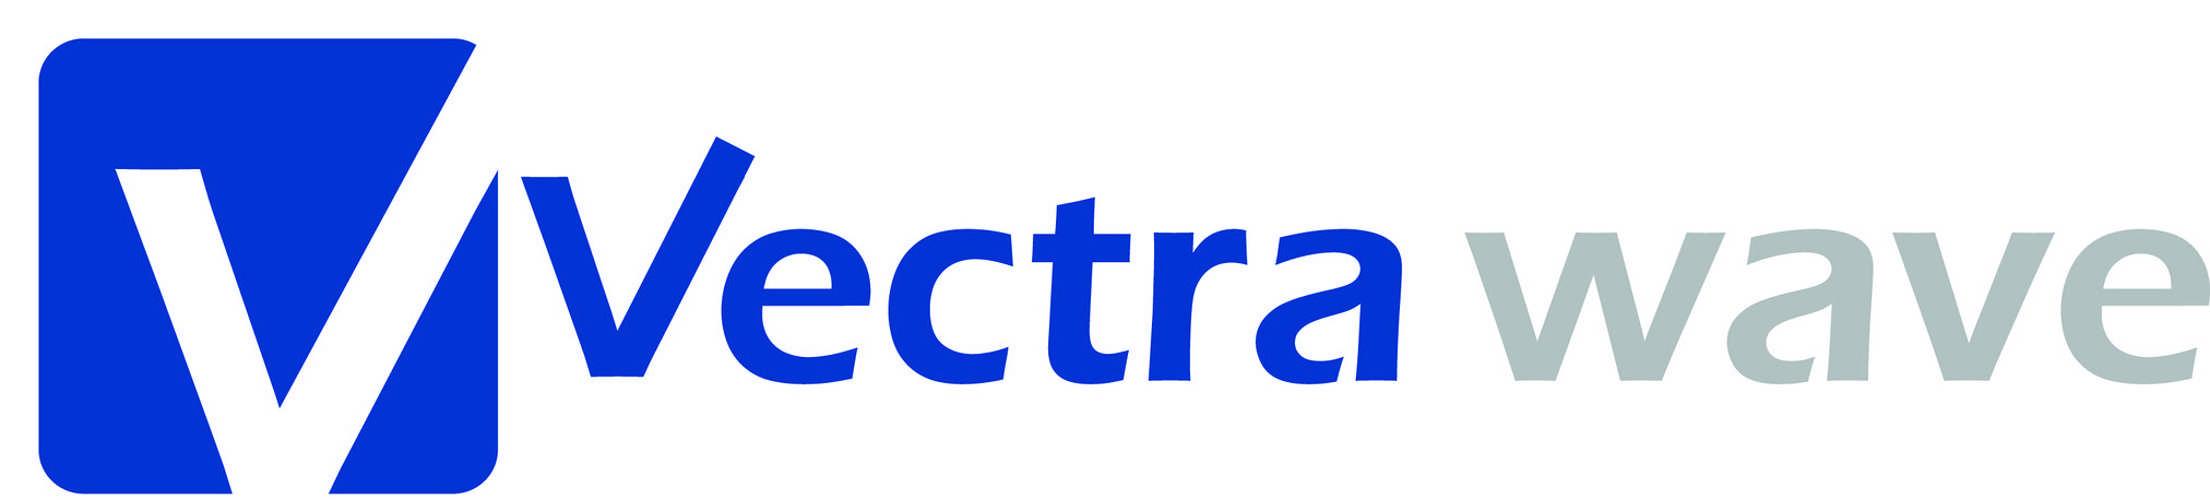 VECTRAWAVE 0